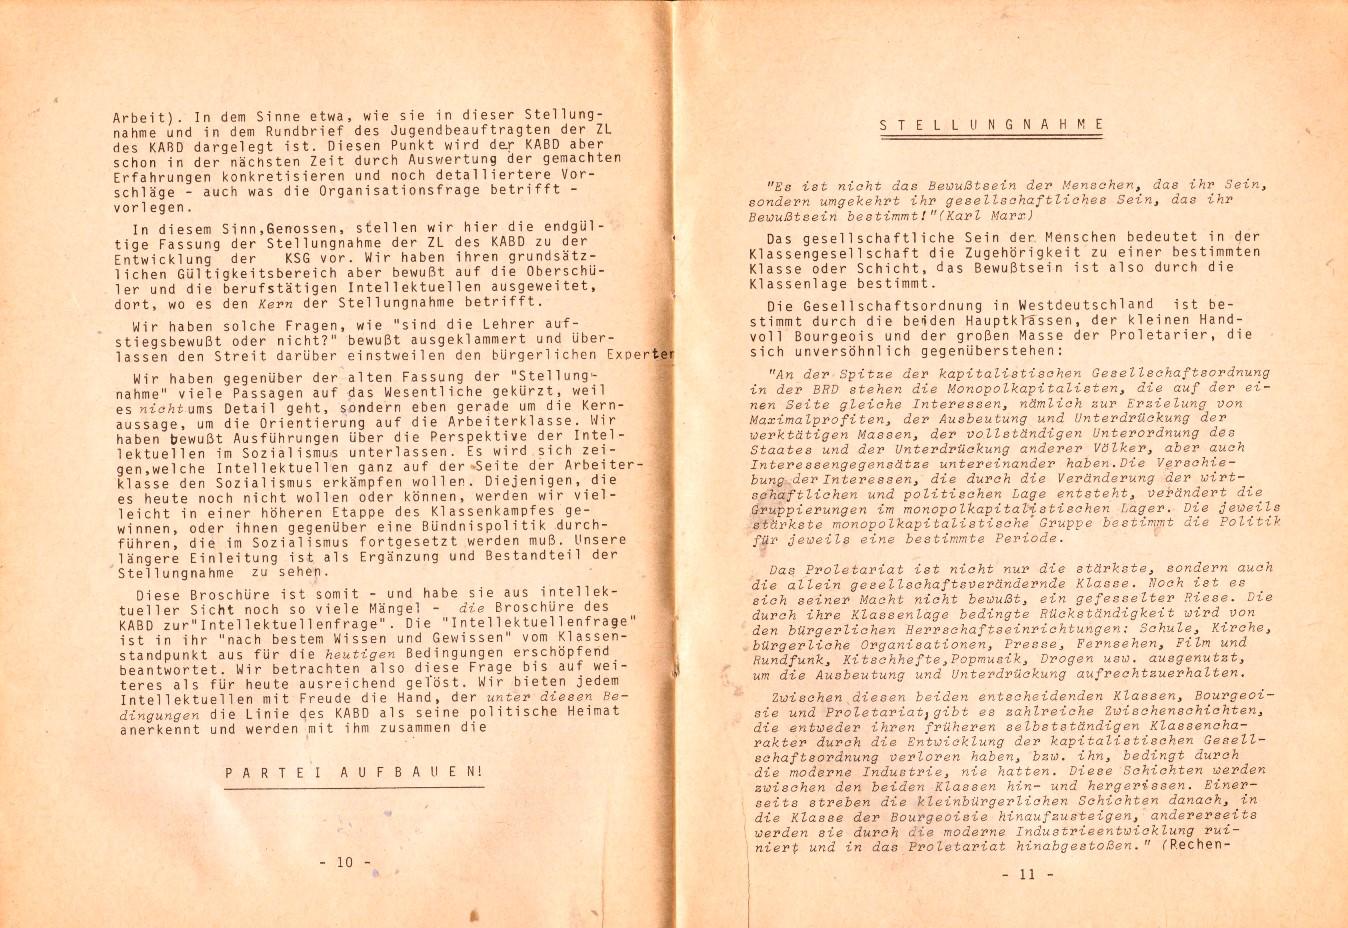 KABD_1976_Parteiaufbau_und_Intellektuellenfrage_09